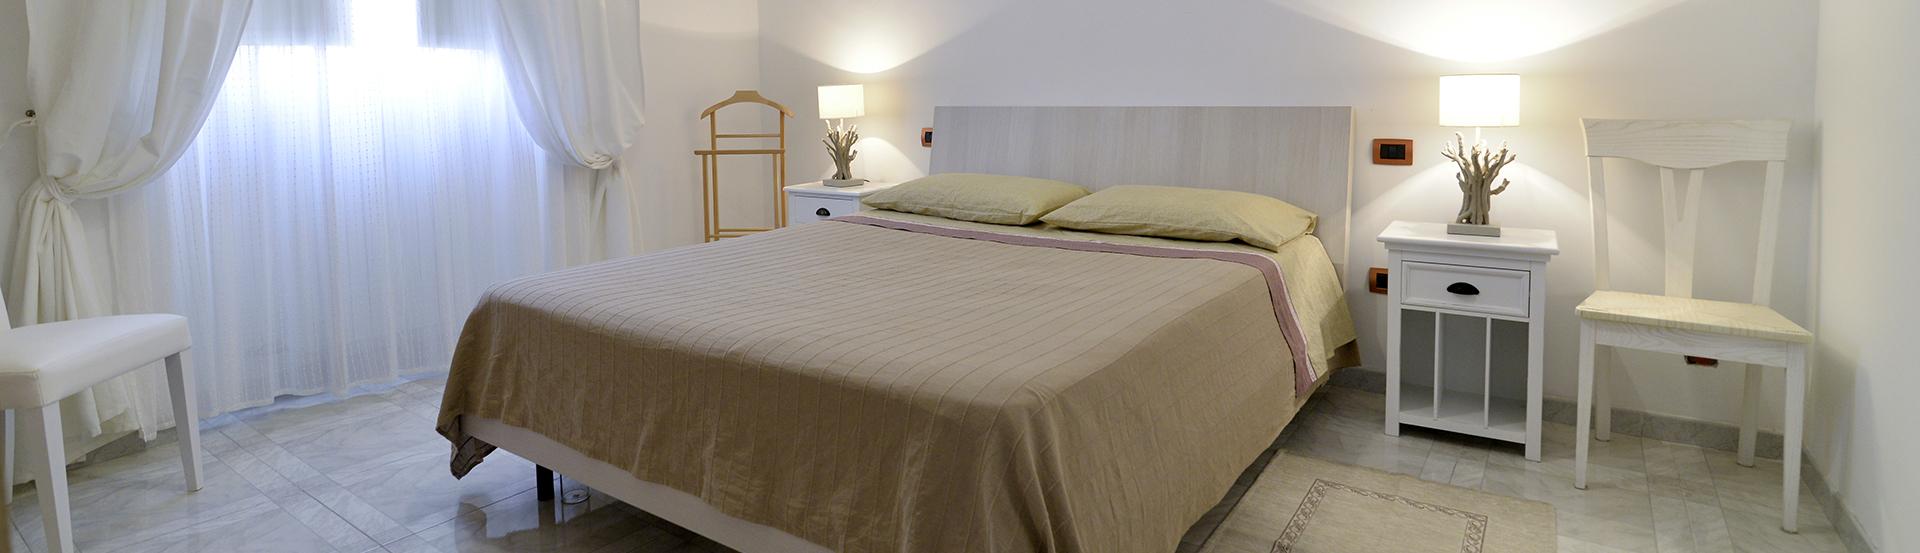 Bed&Breakfast-a-Polignano-a-Mare---Bari---slide-06